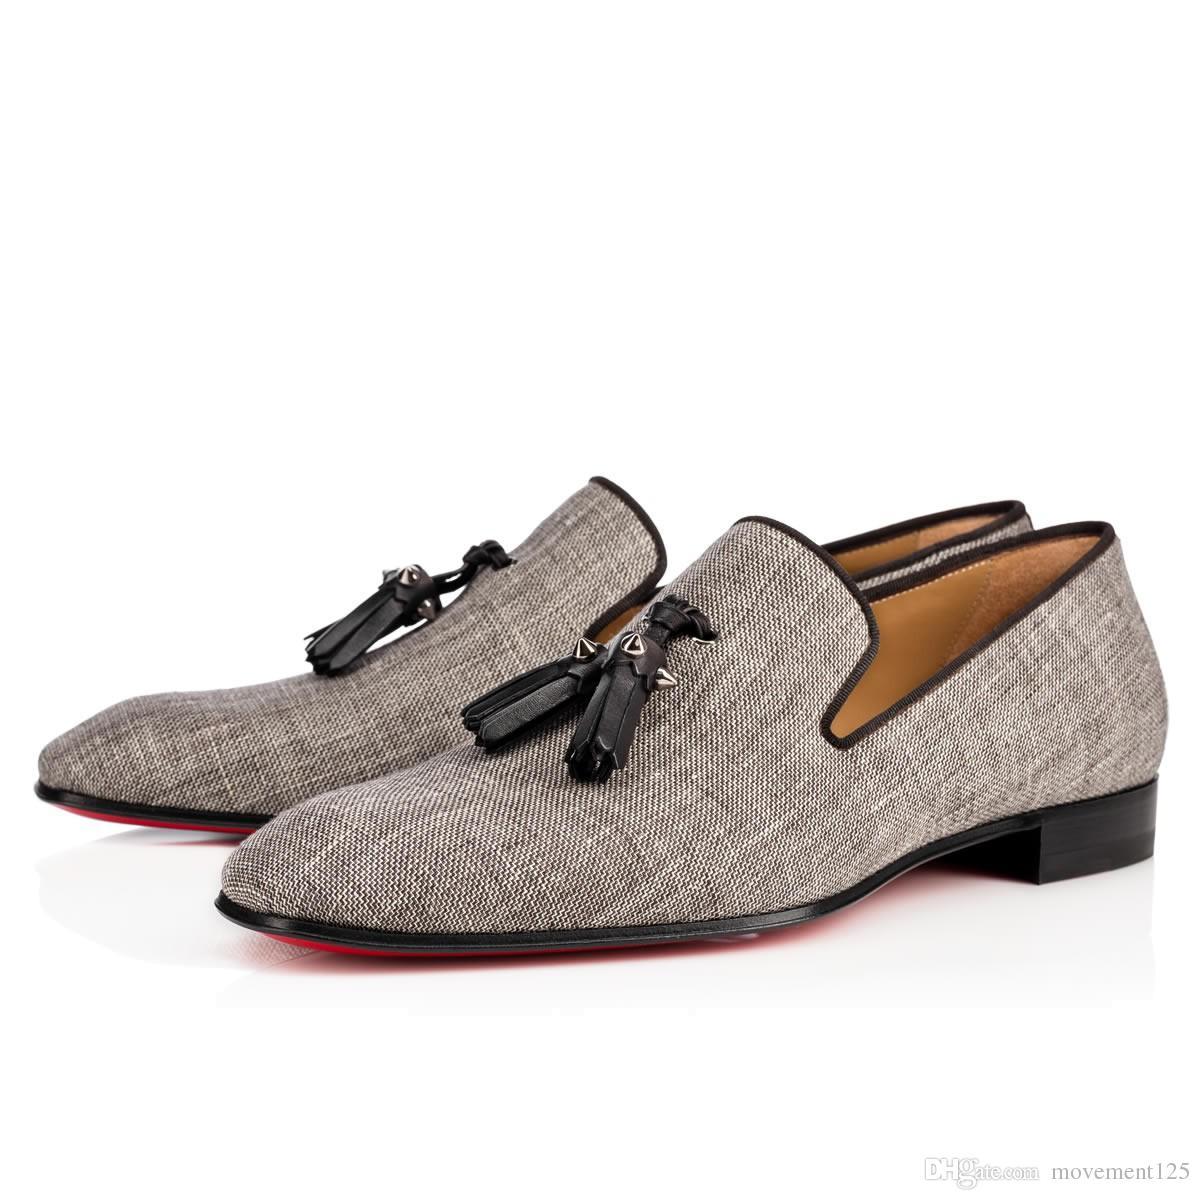 Новая партия свадебное платье Скольжение на бездельников обувь для Man одуванчика кисточкой Sneaker обувь Red Bottom Оксфорд обувь класса люкс для мужчин отдыха Flat